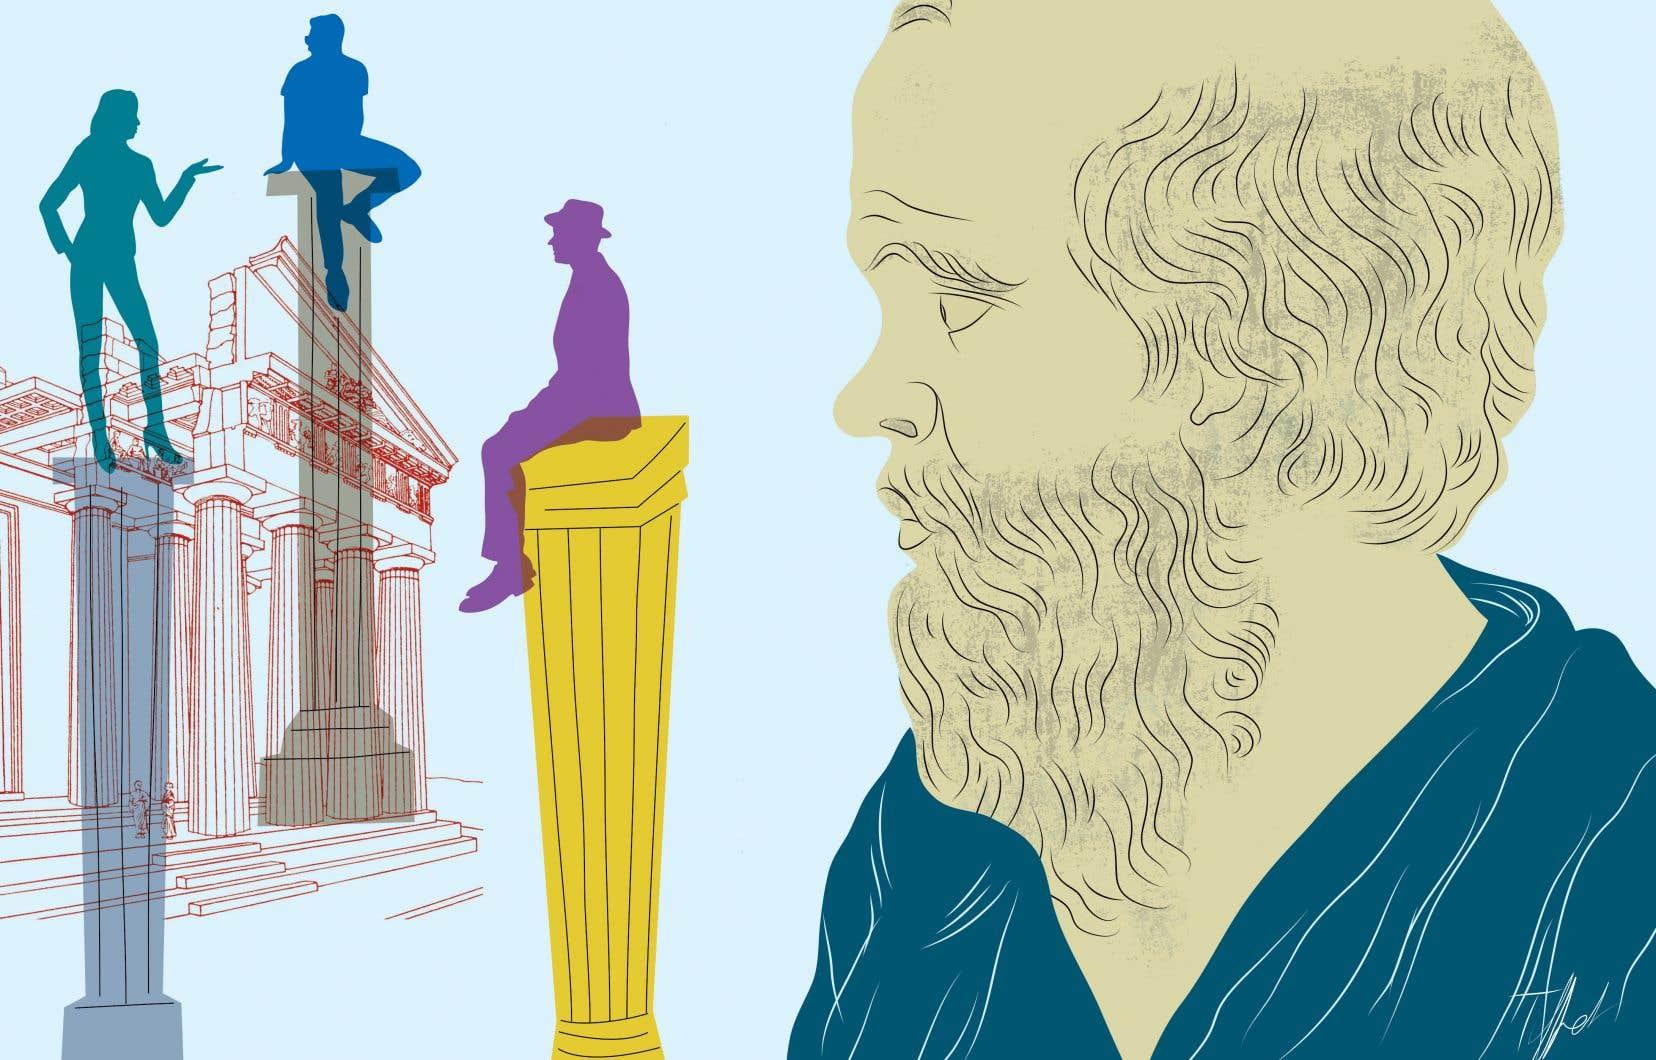 C'est par le questionnement que Socrate amène ses interlocuteurs à découvrir qu'ils ne savent pas ce qu'ils croient savoir. L'apprentissage, la quête de la vérité et de la sagesse ne peuvent commencer qu'une fois qu'on a pris conscience de sa propre ignorance.